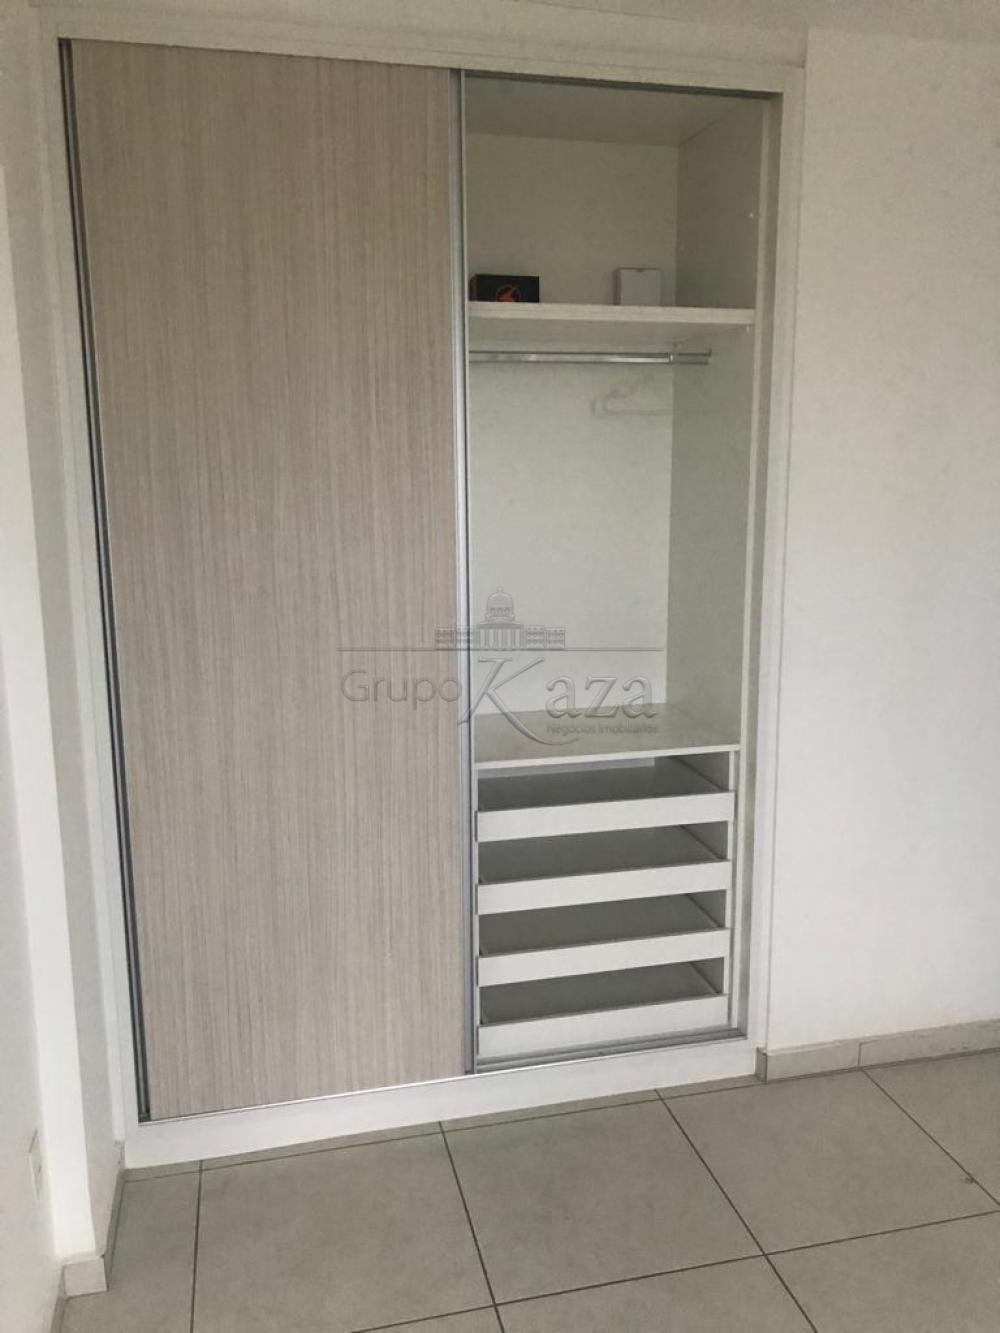 Comprar Casa / Condomínio em Taubaté apenas R$ 352.000,00 - Foto 12